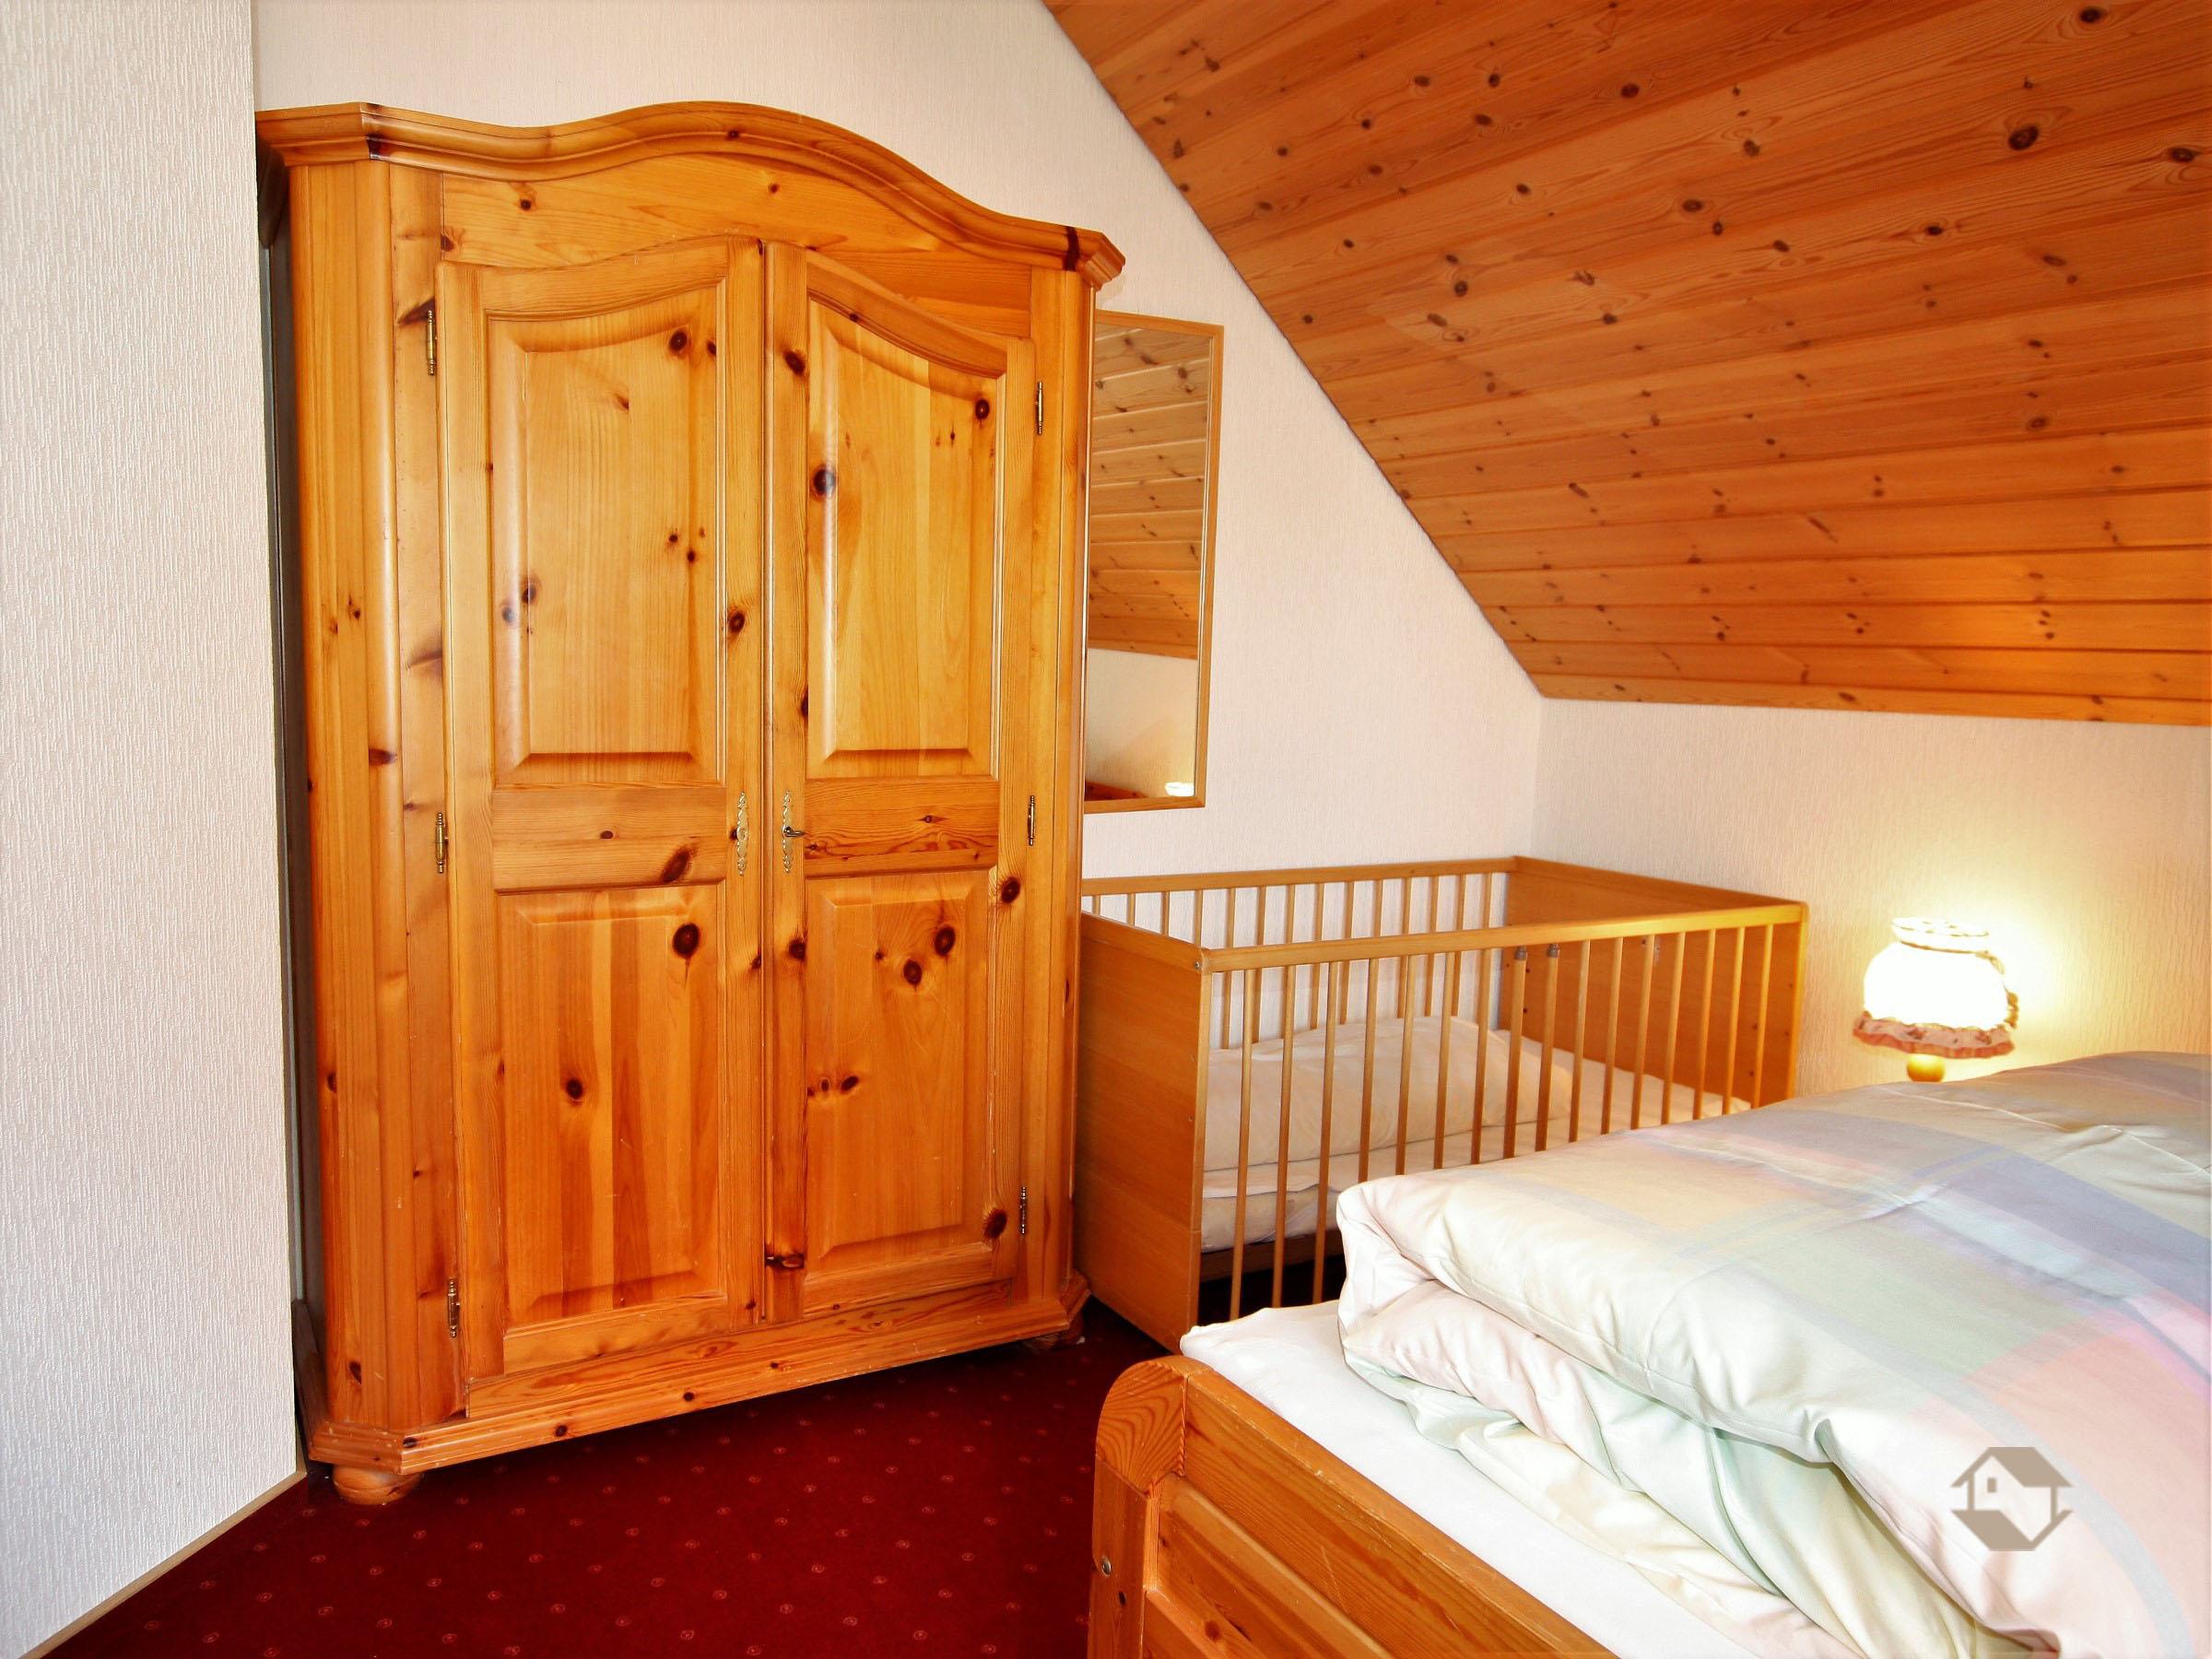 Ferienwohnung Haus Kandelblick, (Furtwangen). Ferienwohnung Feldbergblick, 70qm, 2 Schlafzimmer, 1 Wohn- (2717401), Furtwangen, Schwarzwald, Baden-Württemberg, Deutschland, Bild 19